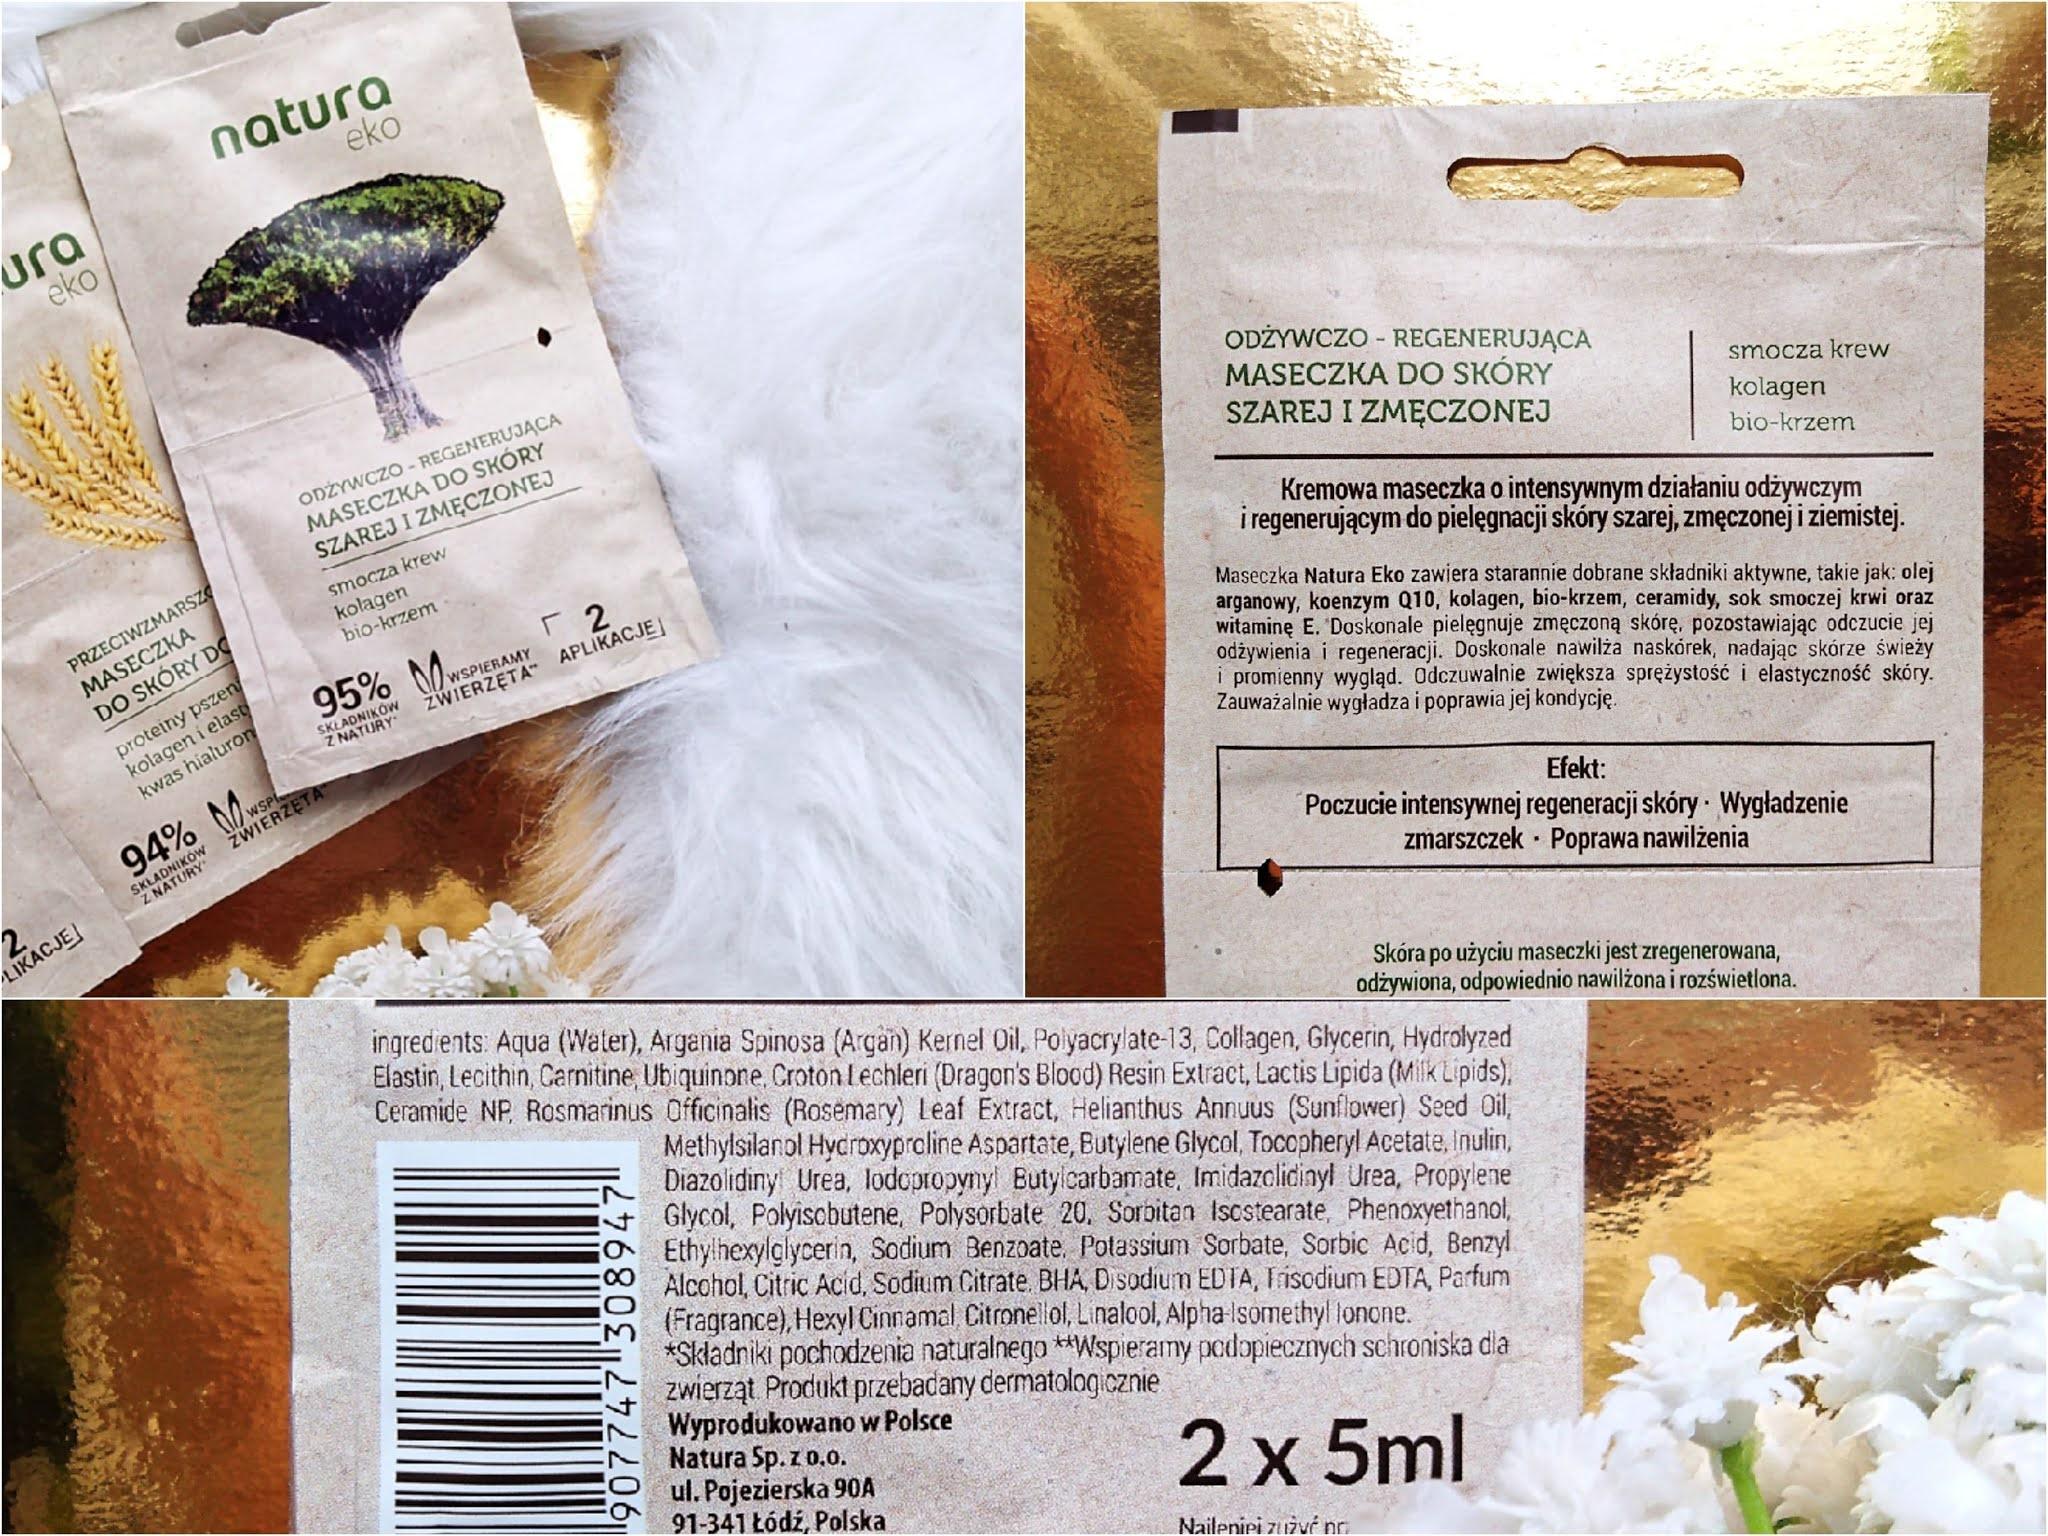 Natura eko maska odżywczo regenerująca, Natura Eko maska odżywcza opinie